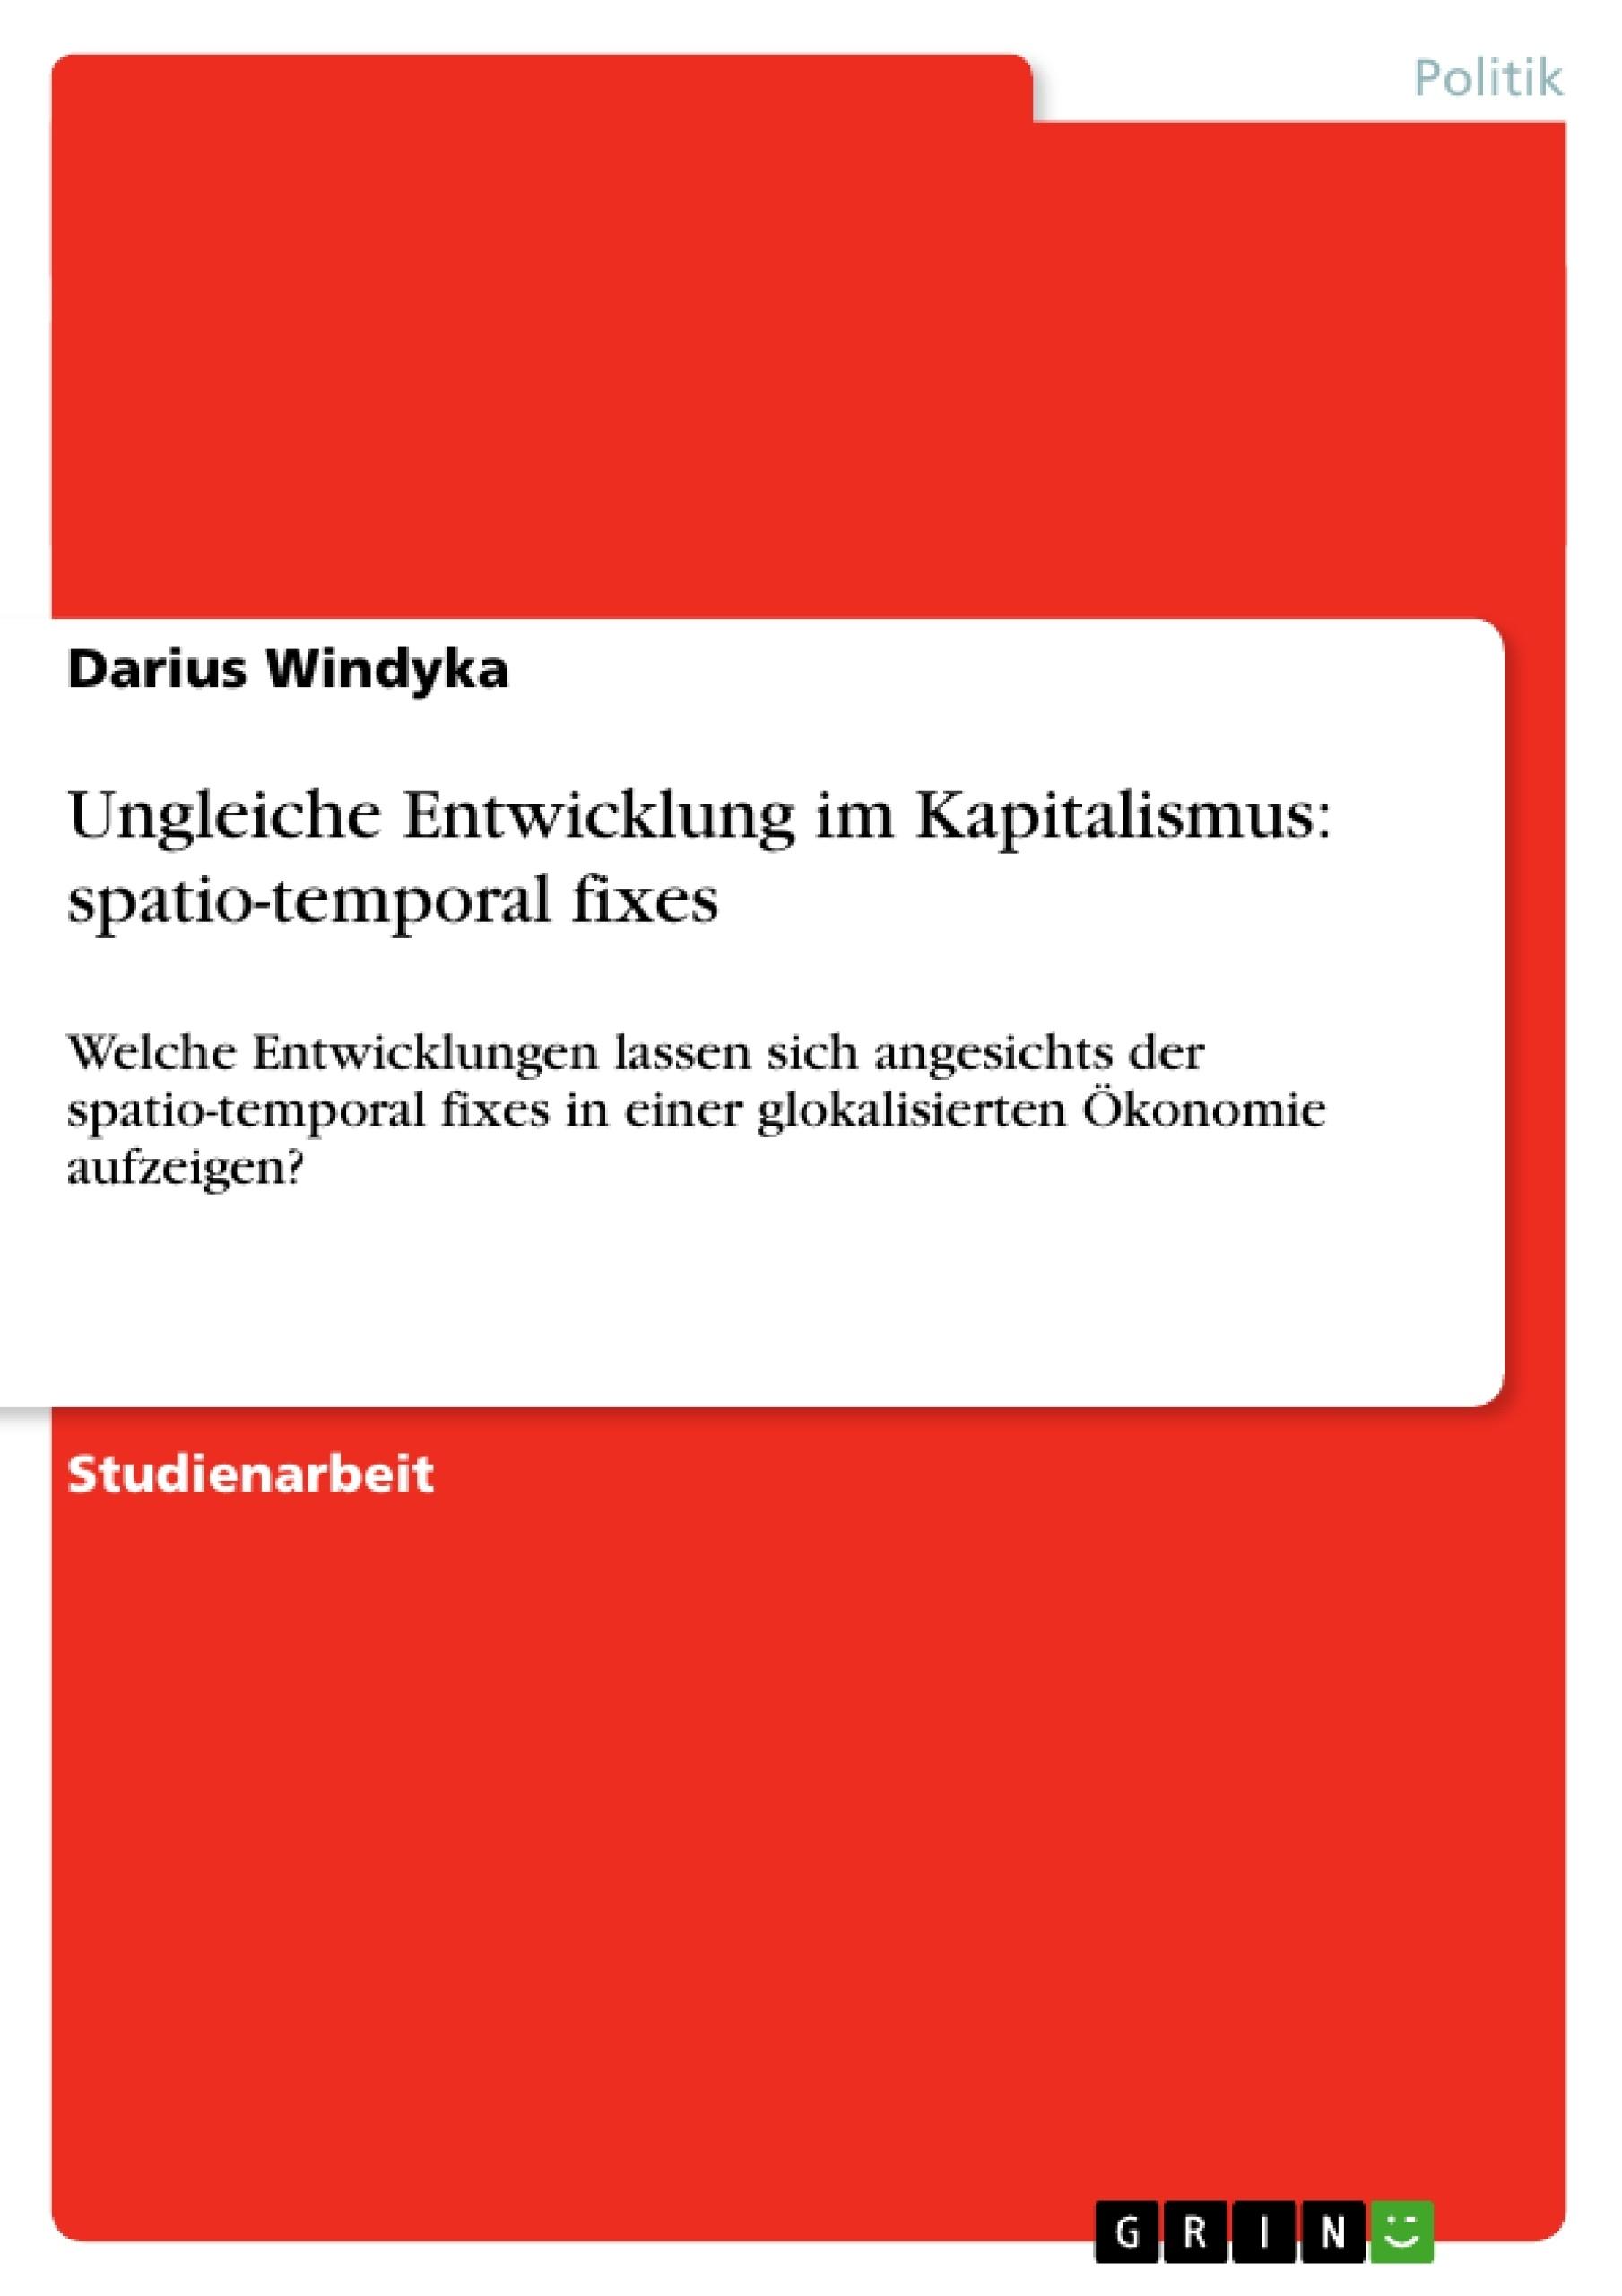 Titel: Ungleiche Entwicklung im Kapitalismus: spatio-temporal fixes